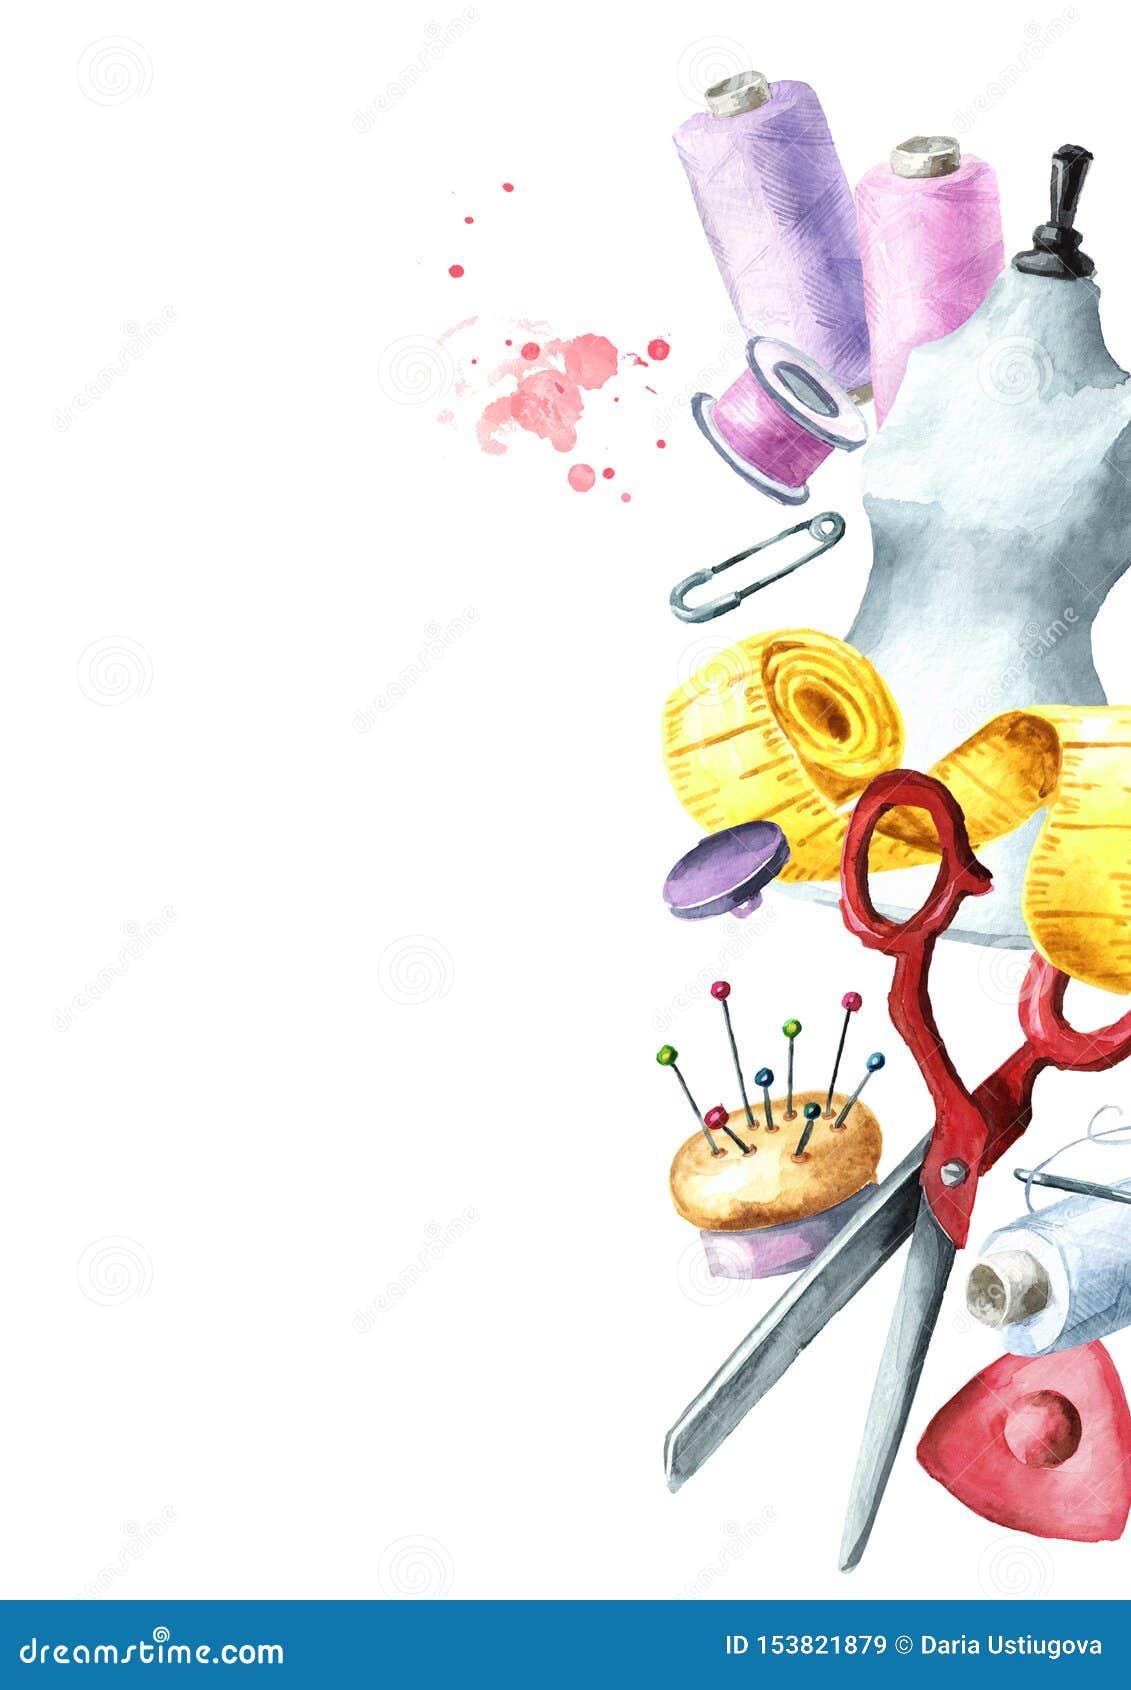 缝合的概念 ?? 裁缝剪刀,测量的磁带,针,顶针,螺纹,钝汉,按钮,白垩,别针短管轴